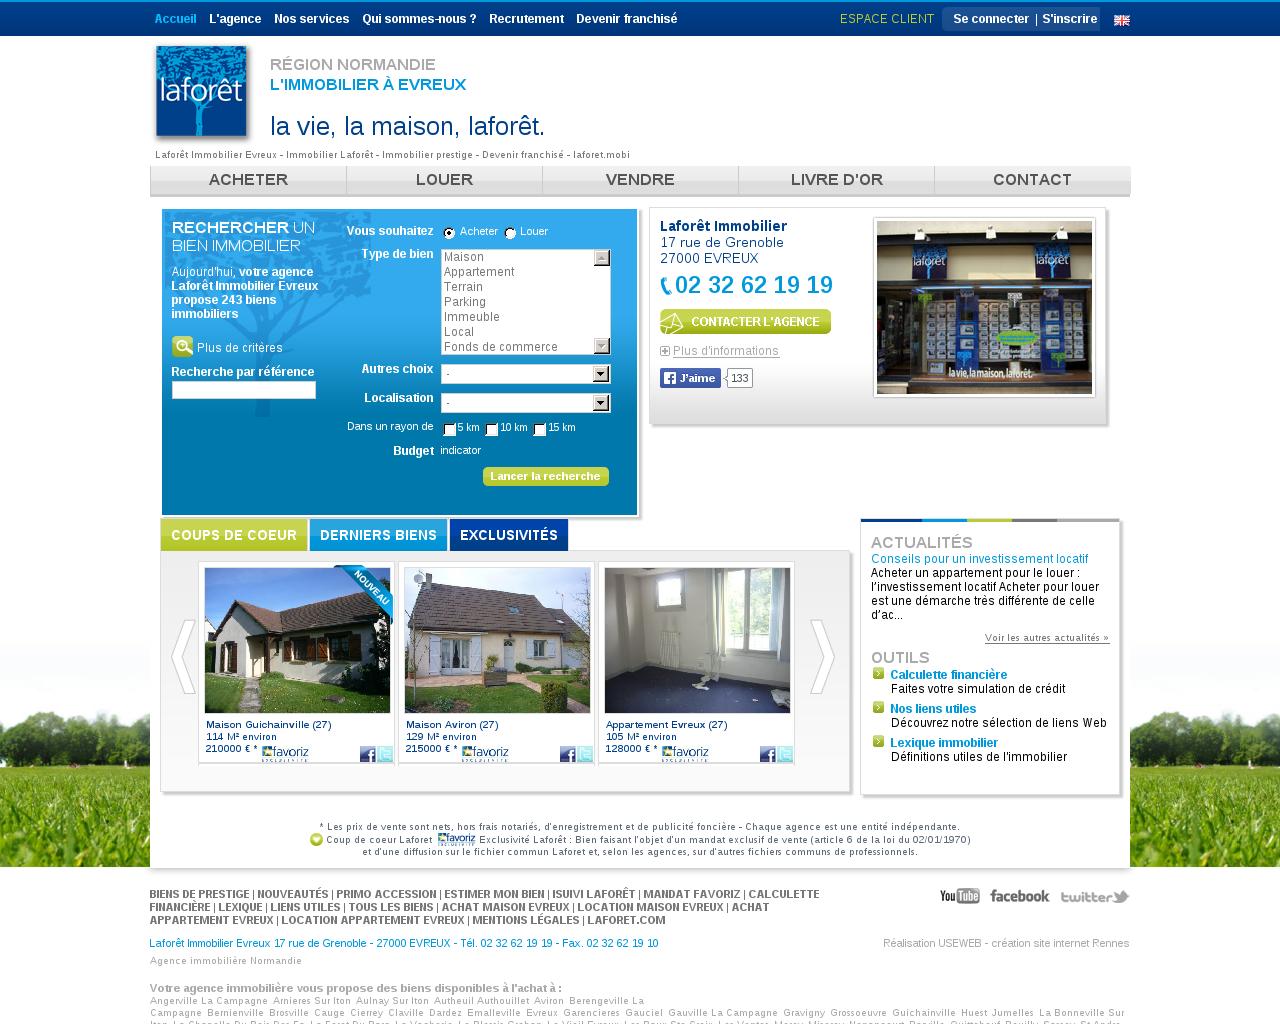 Agences immobili res sur la commune de 27 for Site location immobiliere